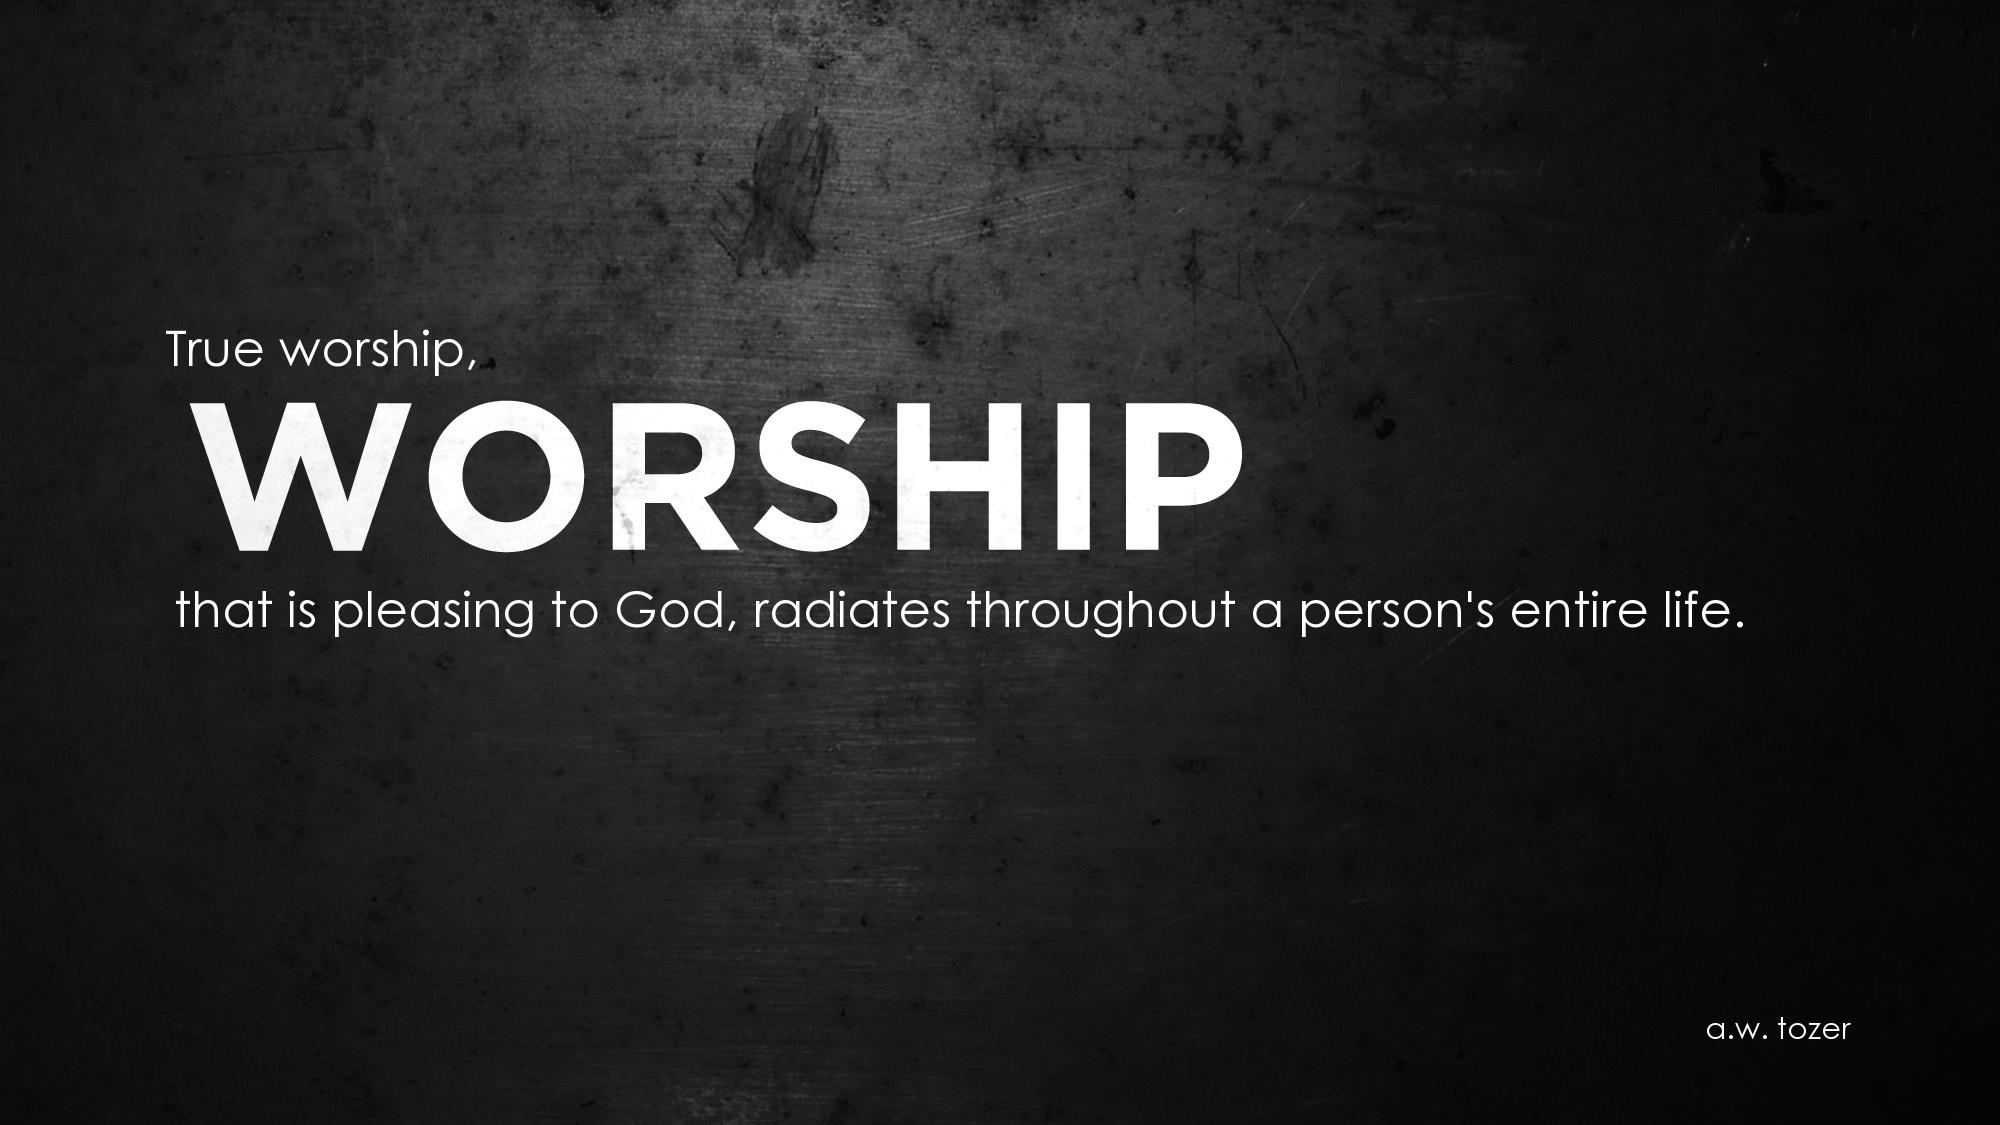 tozer-quote-true-worship.jpg